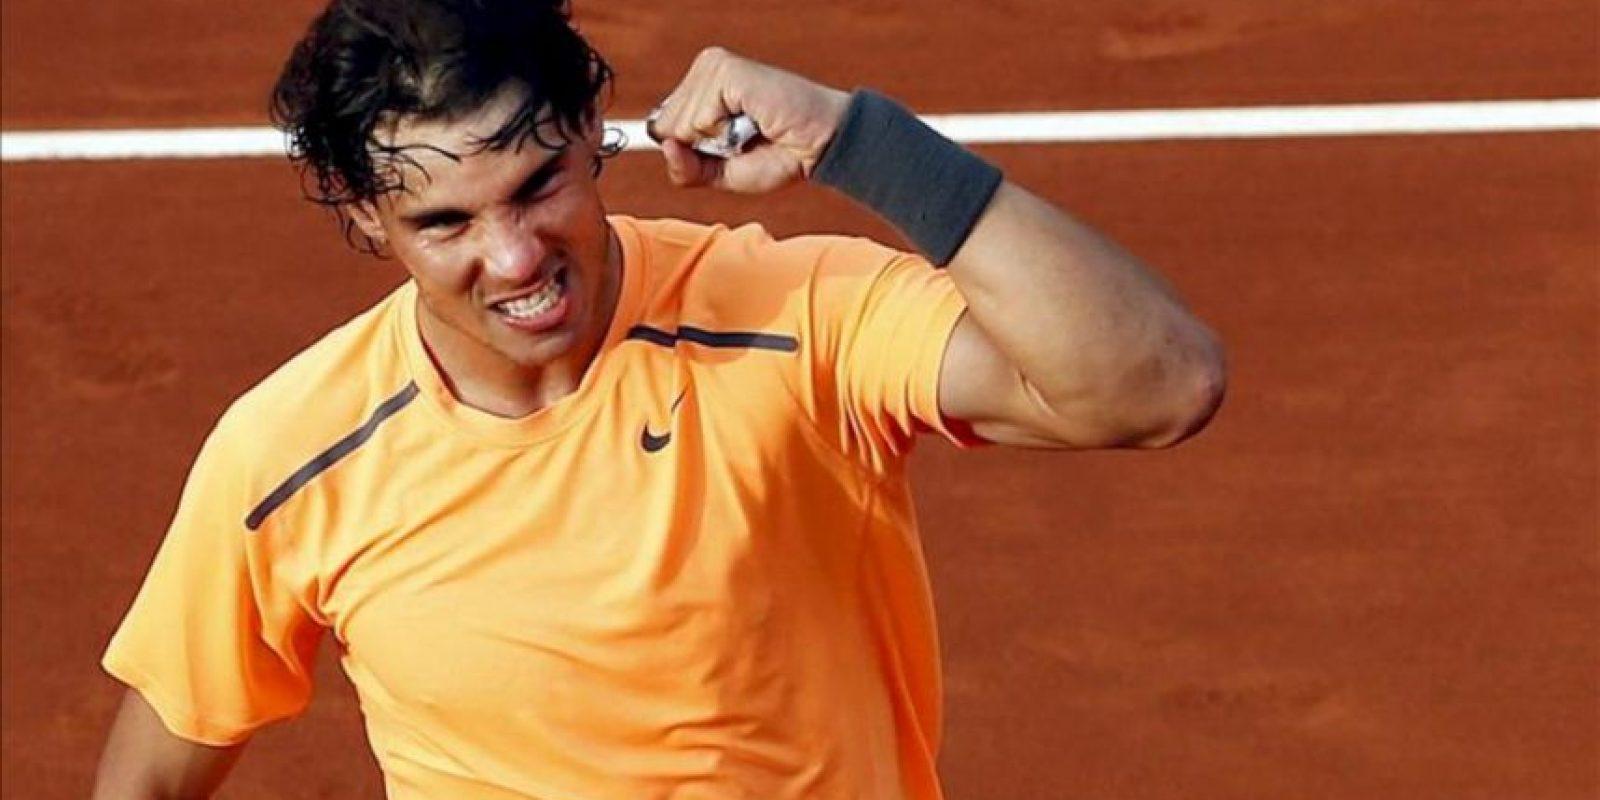 El tenista mallorquín Rafa Nadal celebra su victoria en el partido de cuartos contra el serbio Janko Tipsarevic. EFE